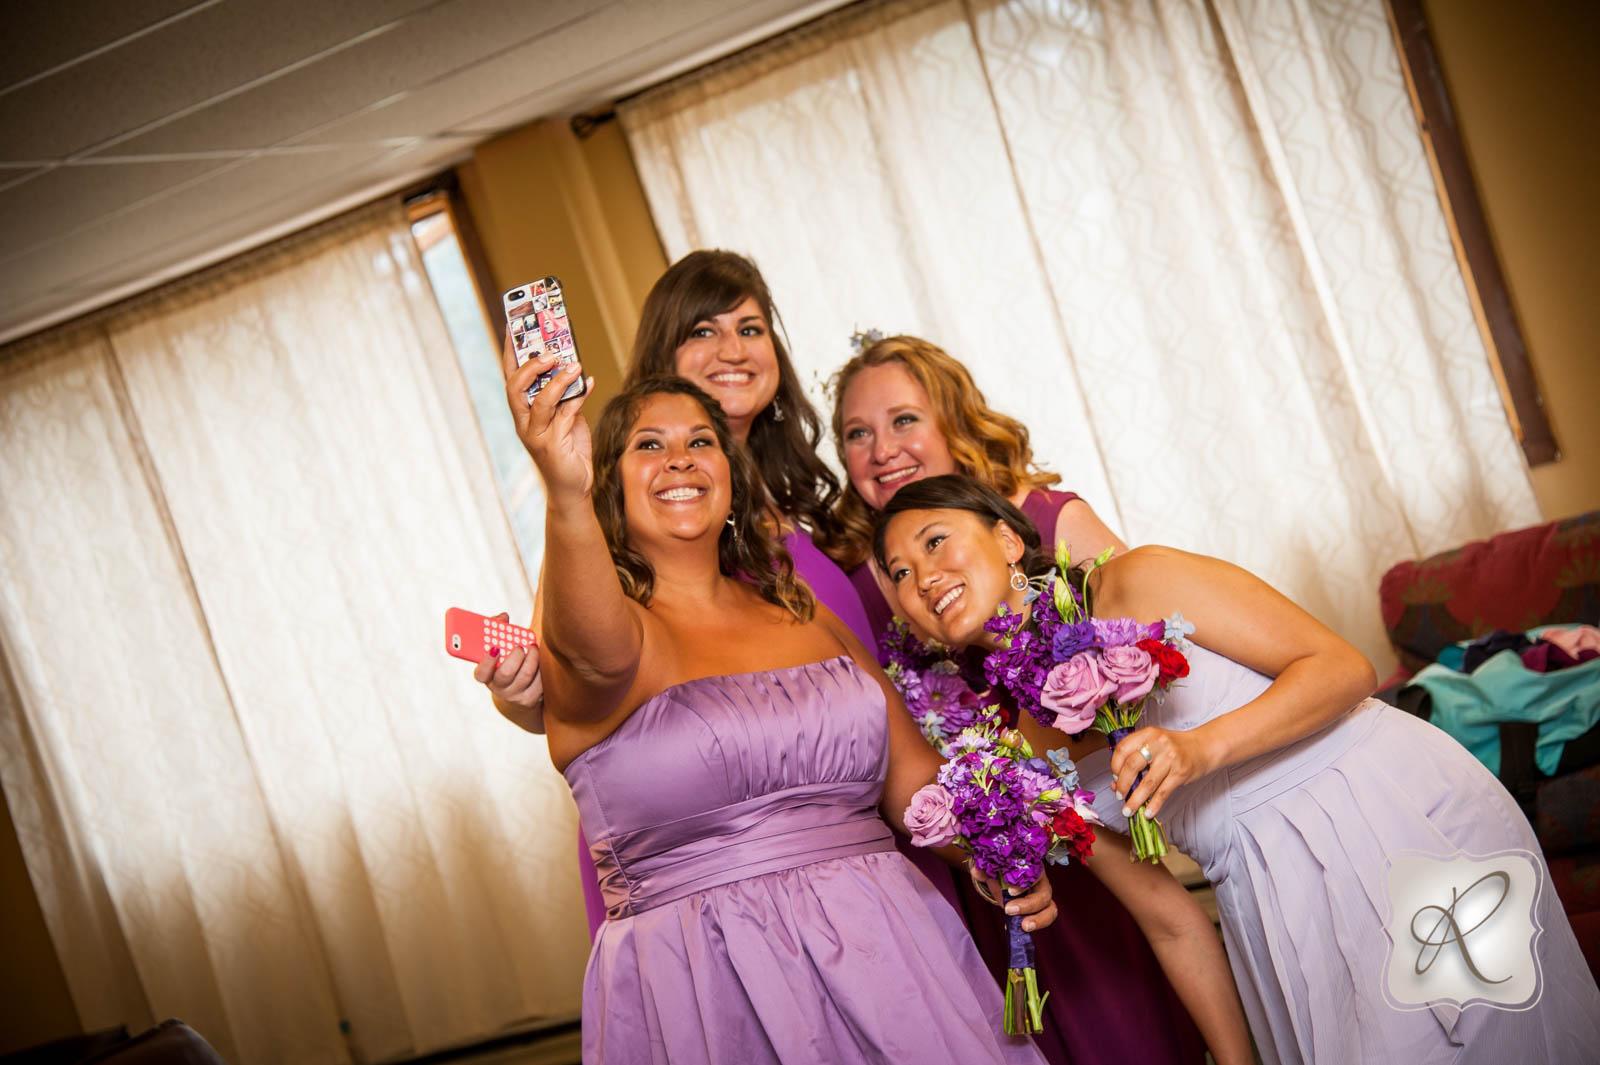 Allison jeffs durango mountain resort wedding wedding sign photos wedding dress photos bouquet photos silly wedding photos ombrellifo Gallery